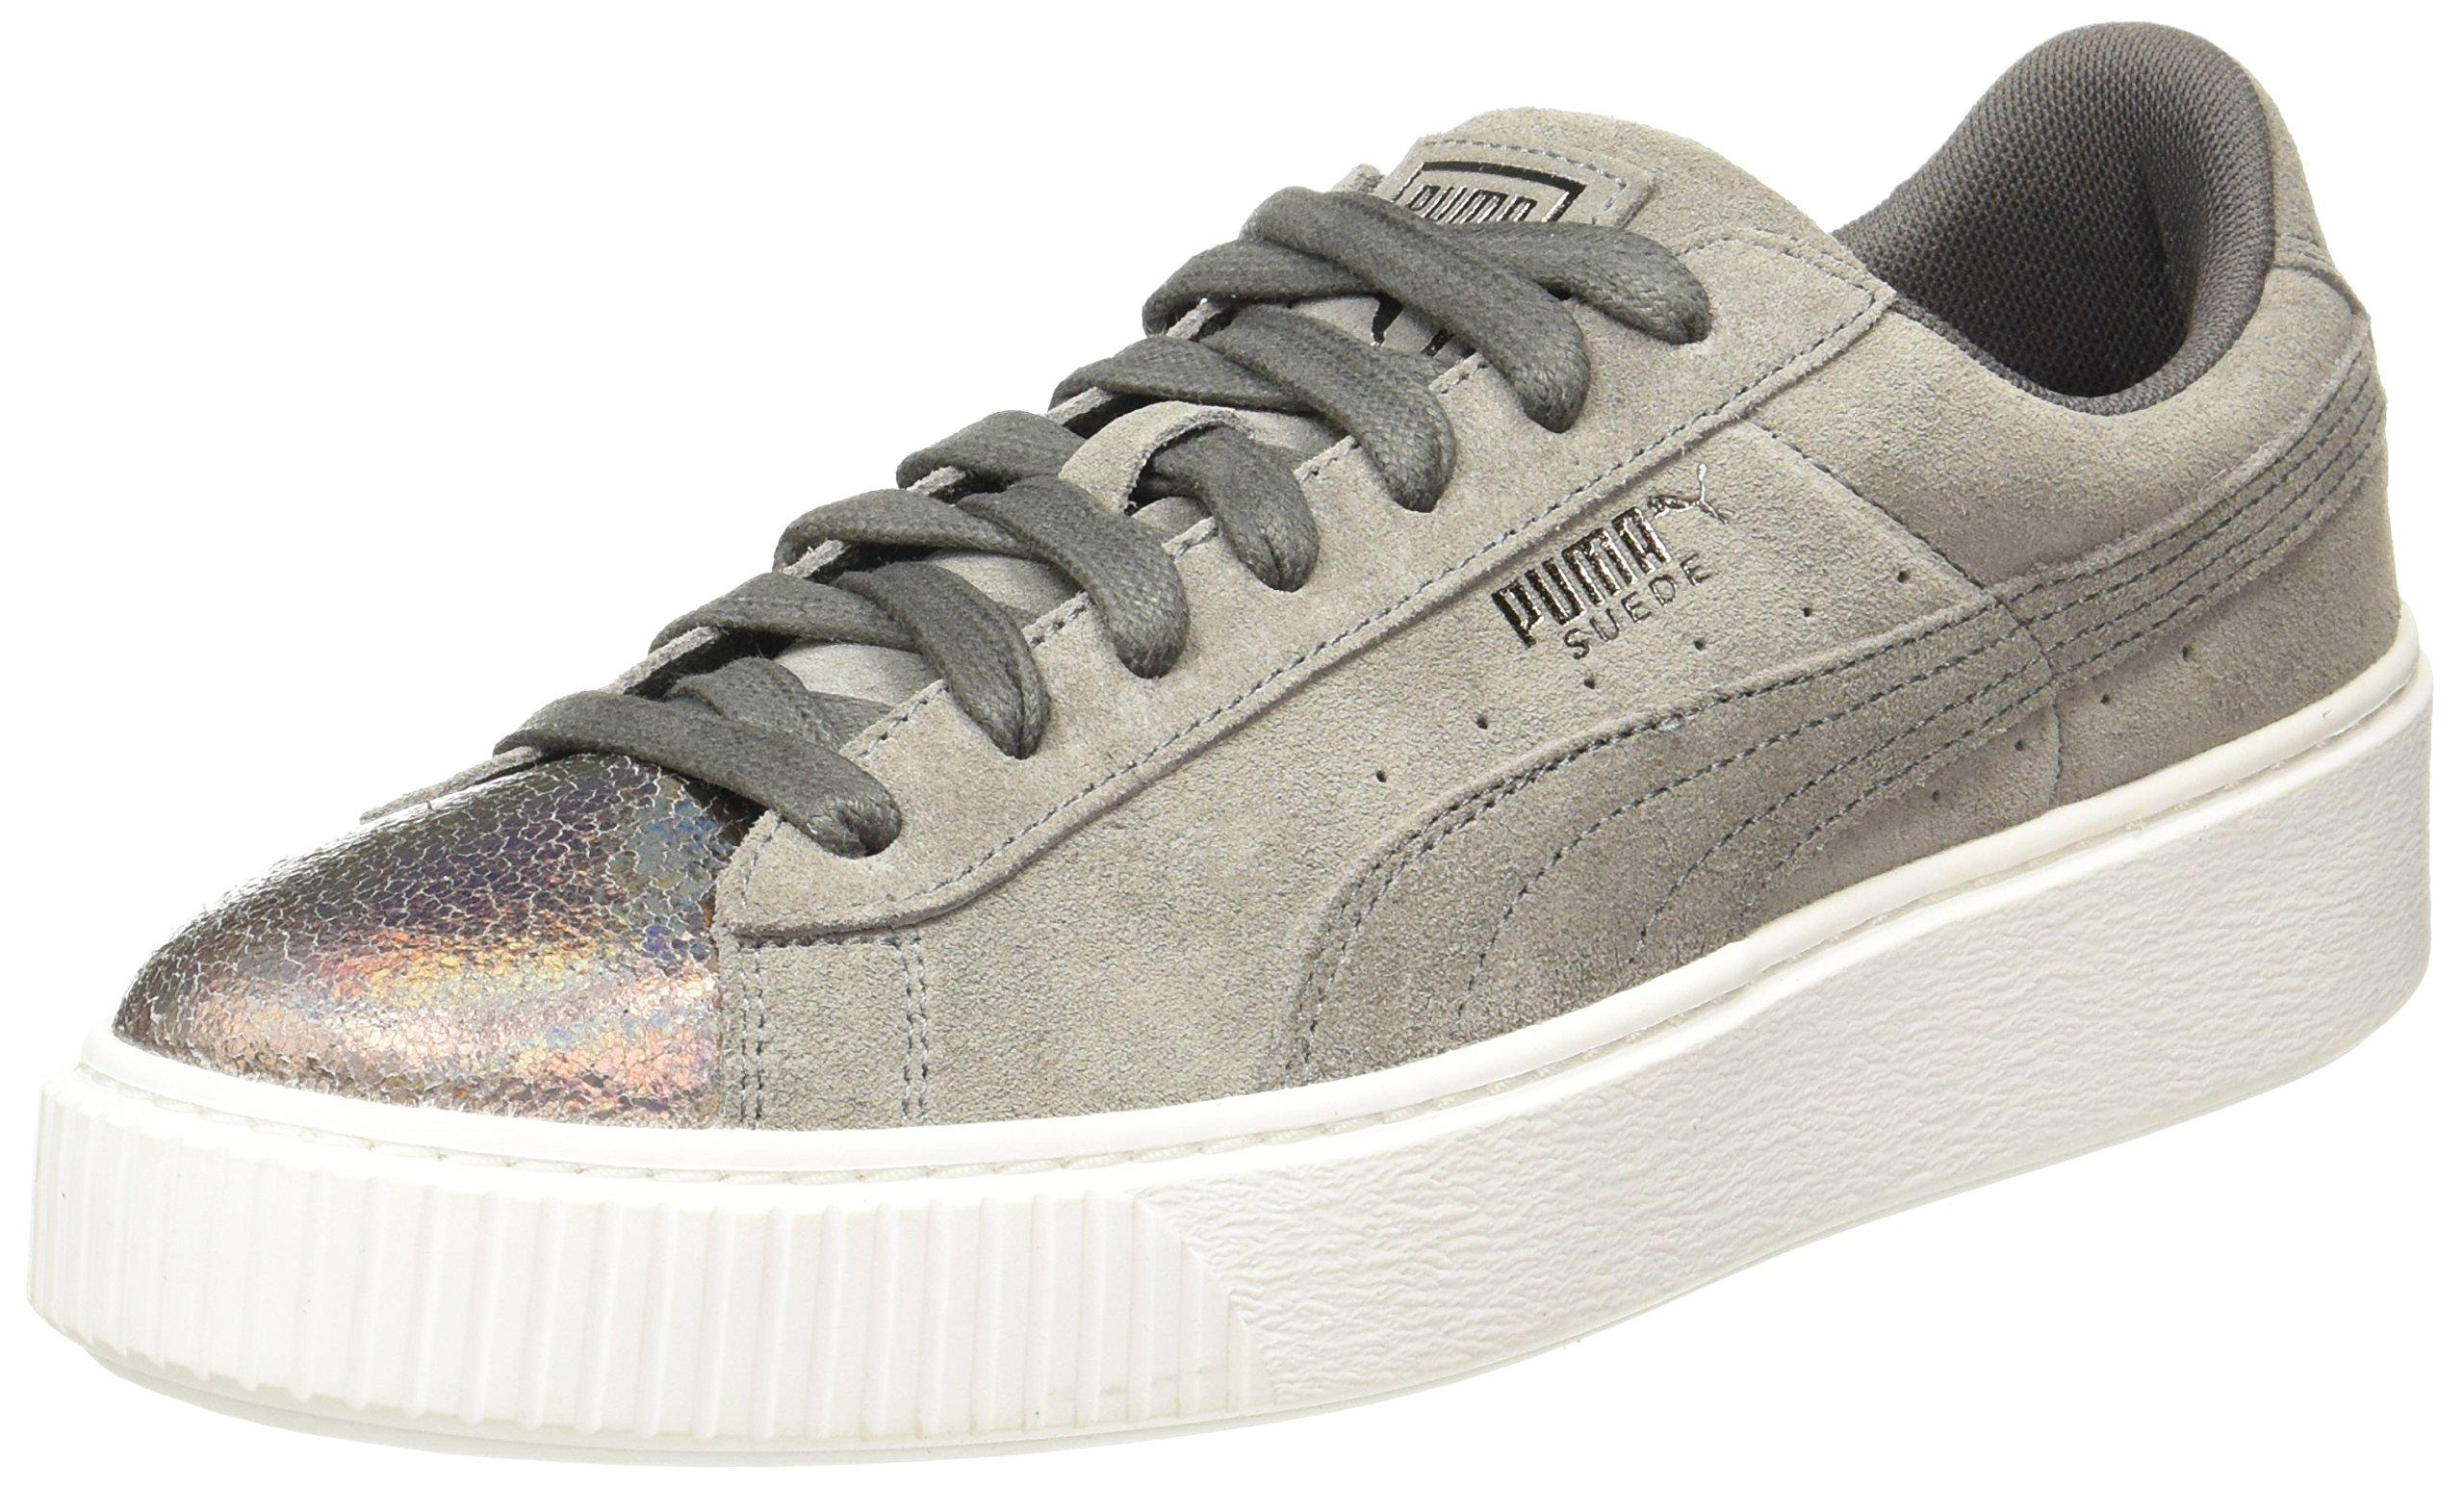 Lunalux FemmeMarronsmoked Puma Pearl40 Eu Platform Wn'sSneakers Suede Basses 5 OP80nwk